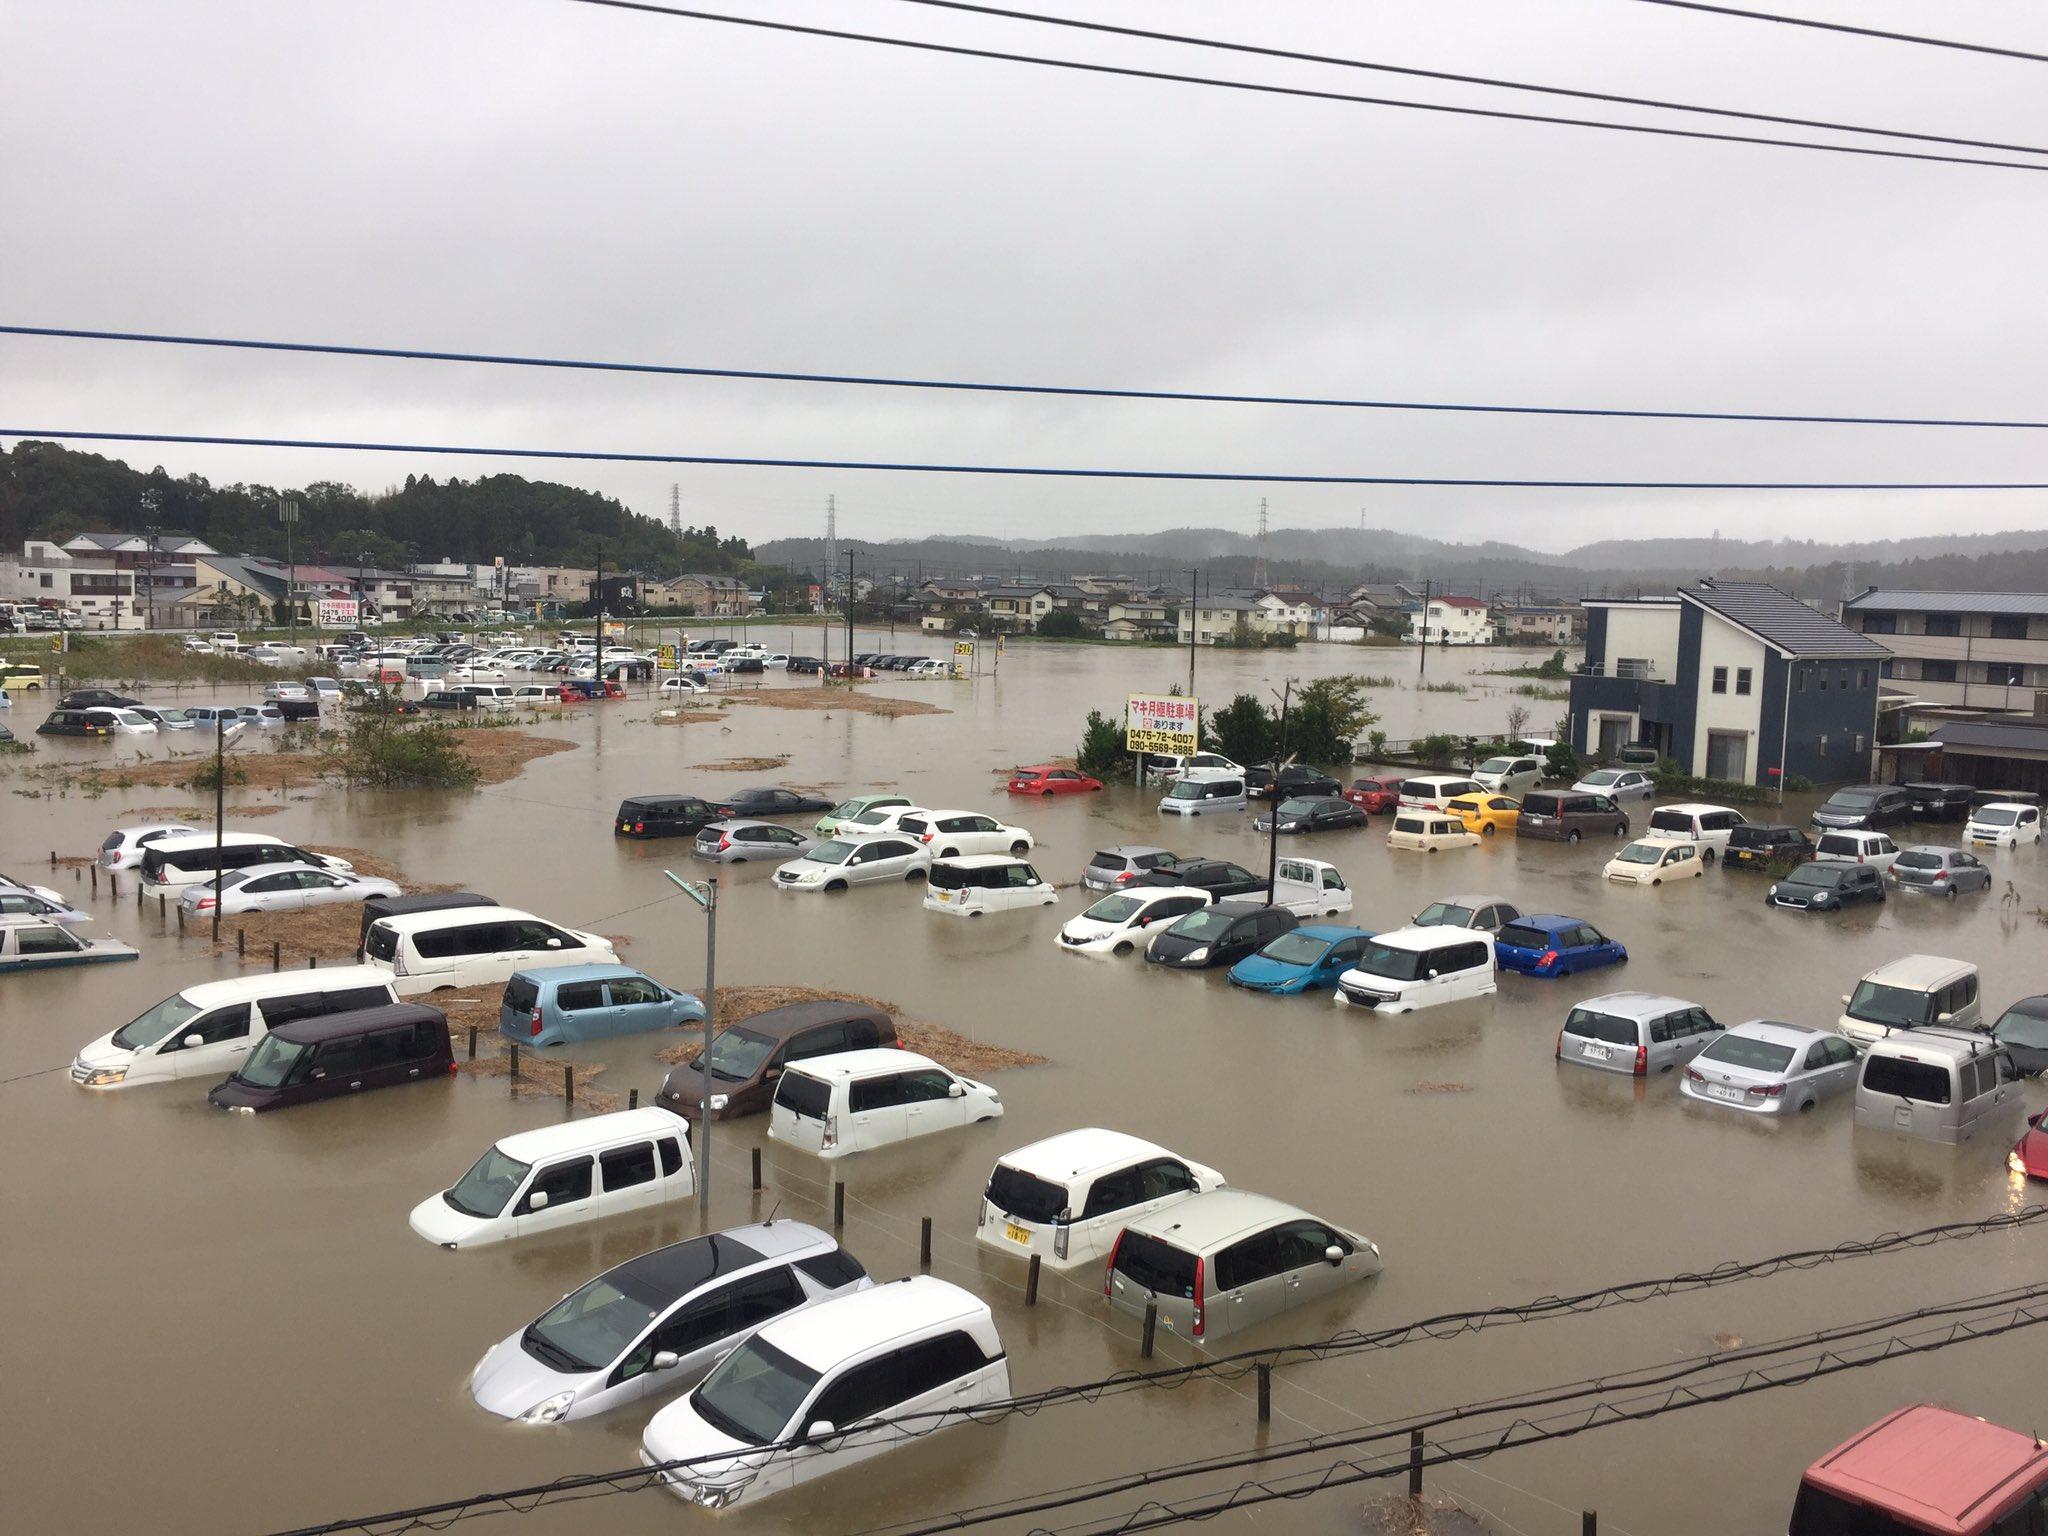 大網駅前の駐車場が冠水し車が水没している現場の画像